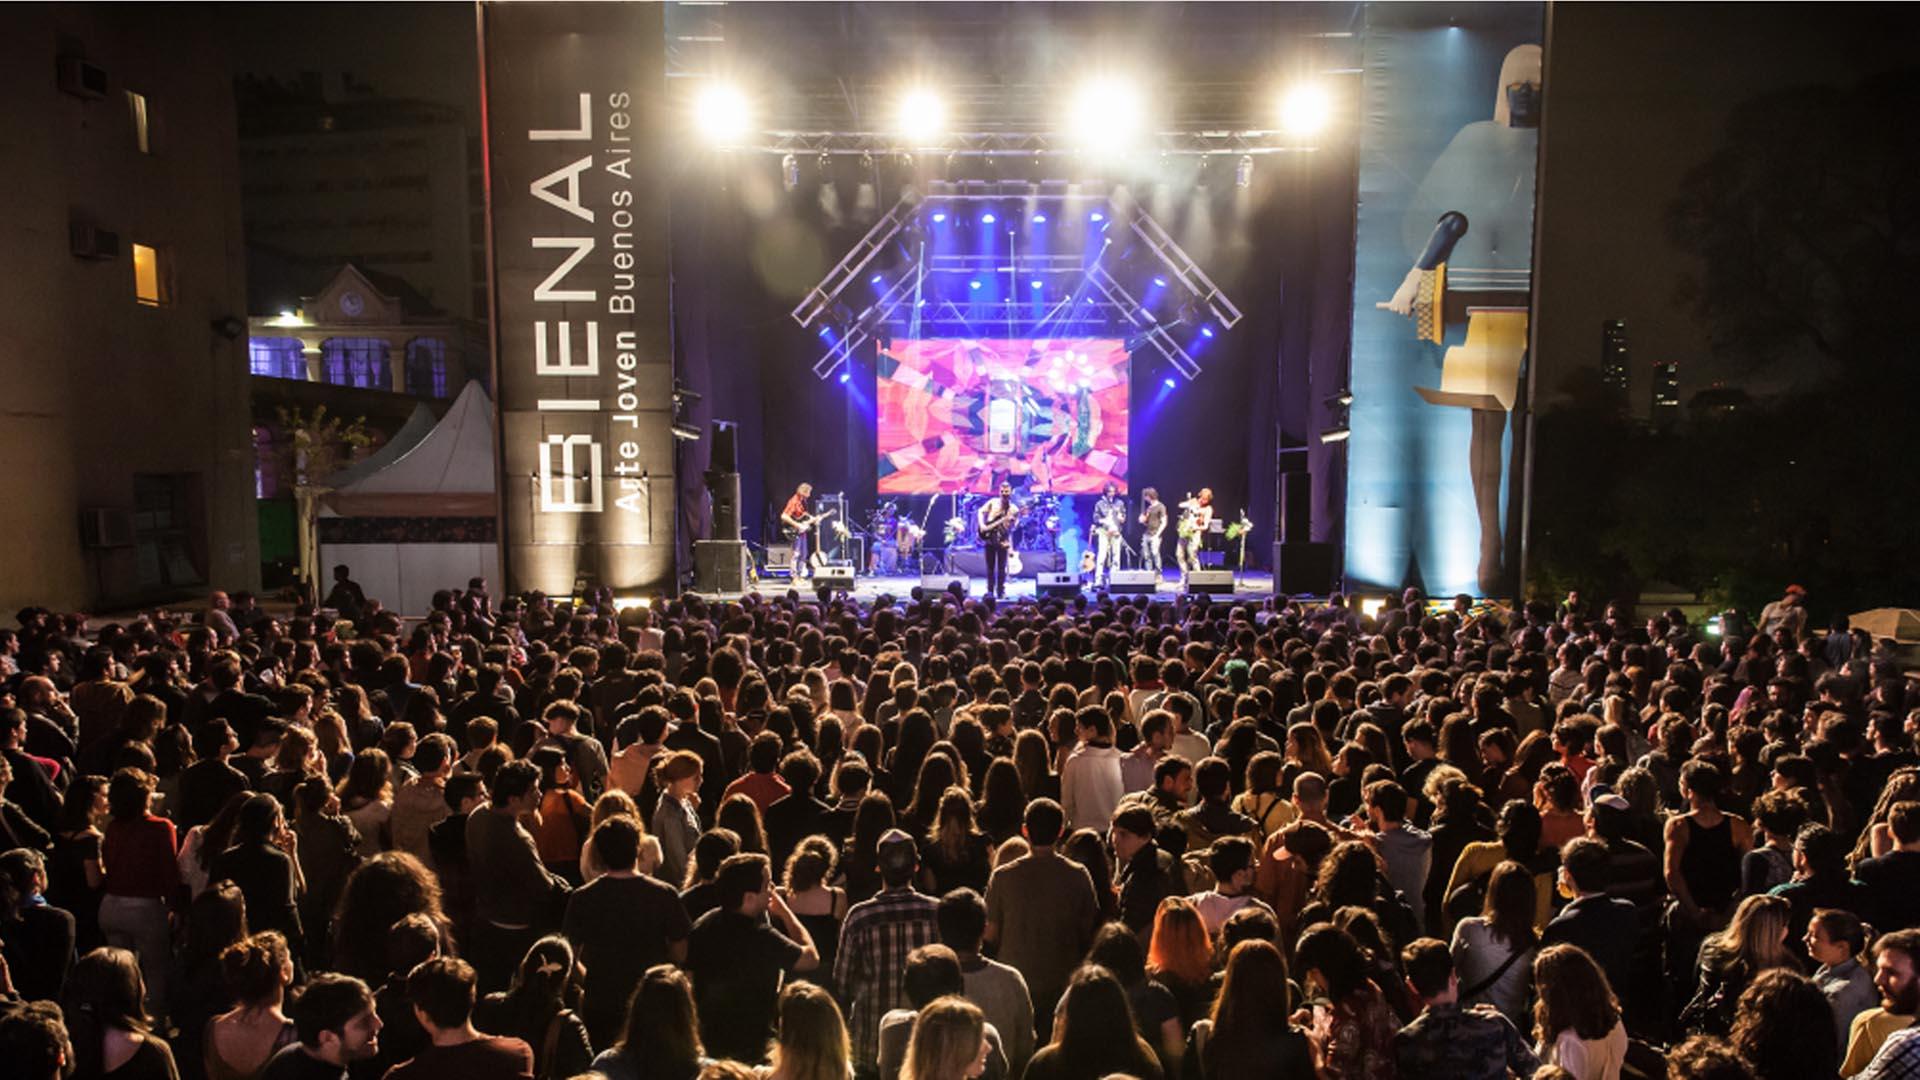 Las bandas La Delio Valdez, Telescopios y Lo' Pibitos se suman a la inauguración de la Bienal Joven